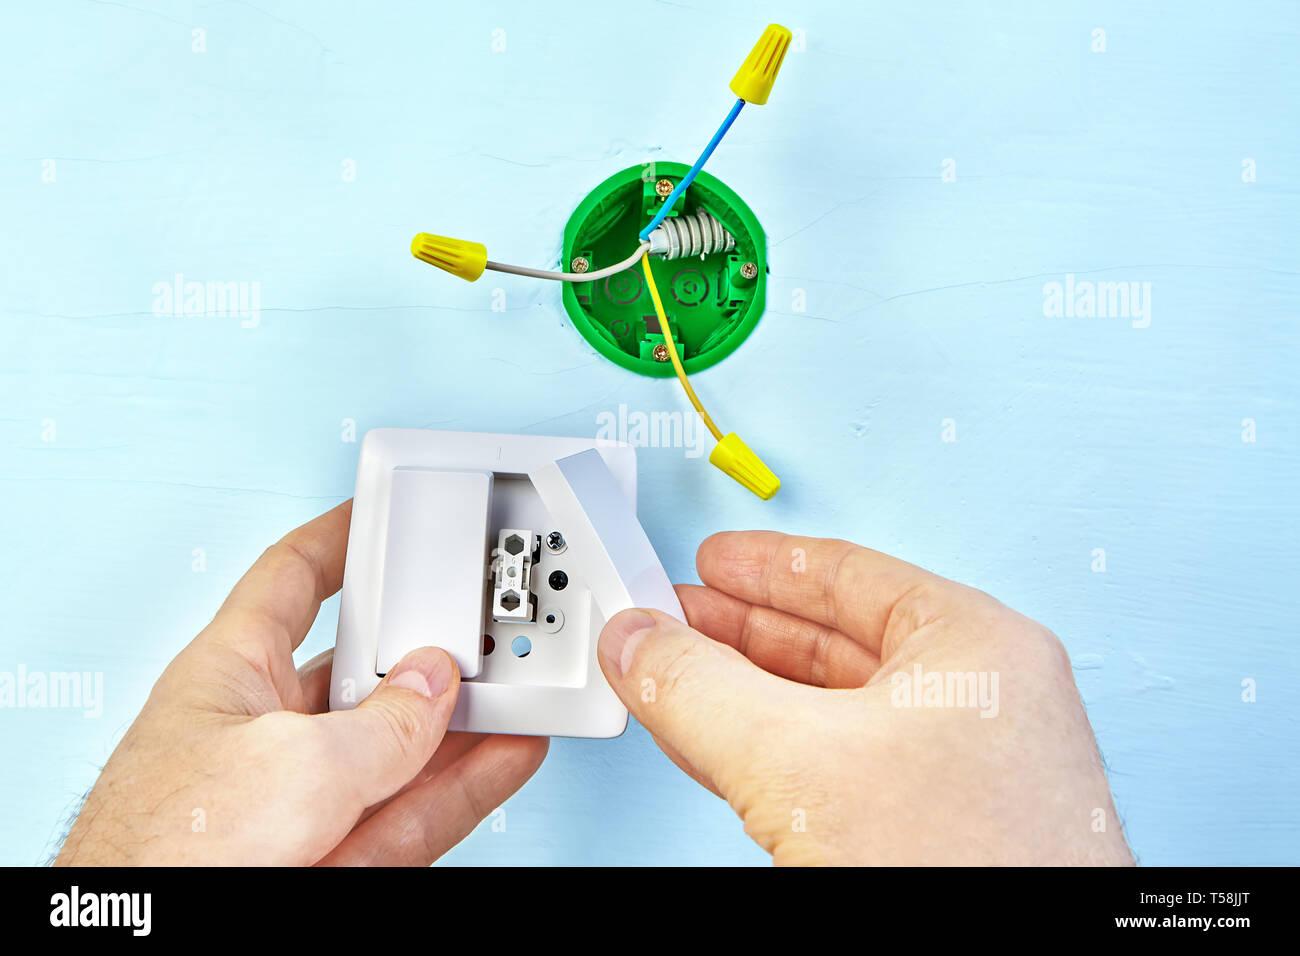 Arbeiten an elektrischen Anlagen, Installation von europäischen Standard Sockel, elektrische Schalter für Wandmontage. Stockbild